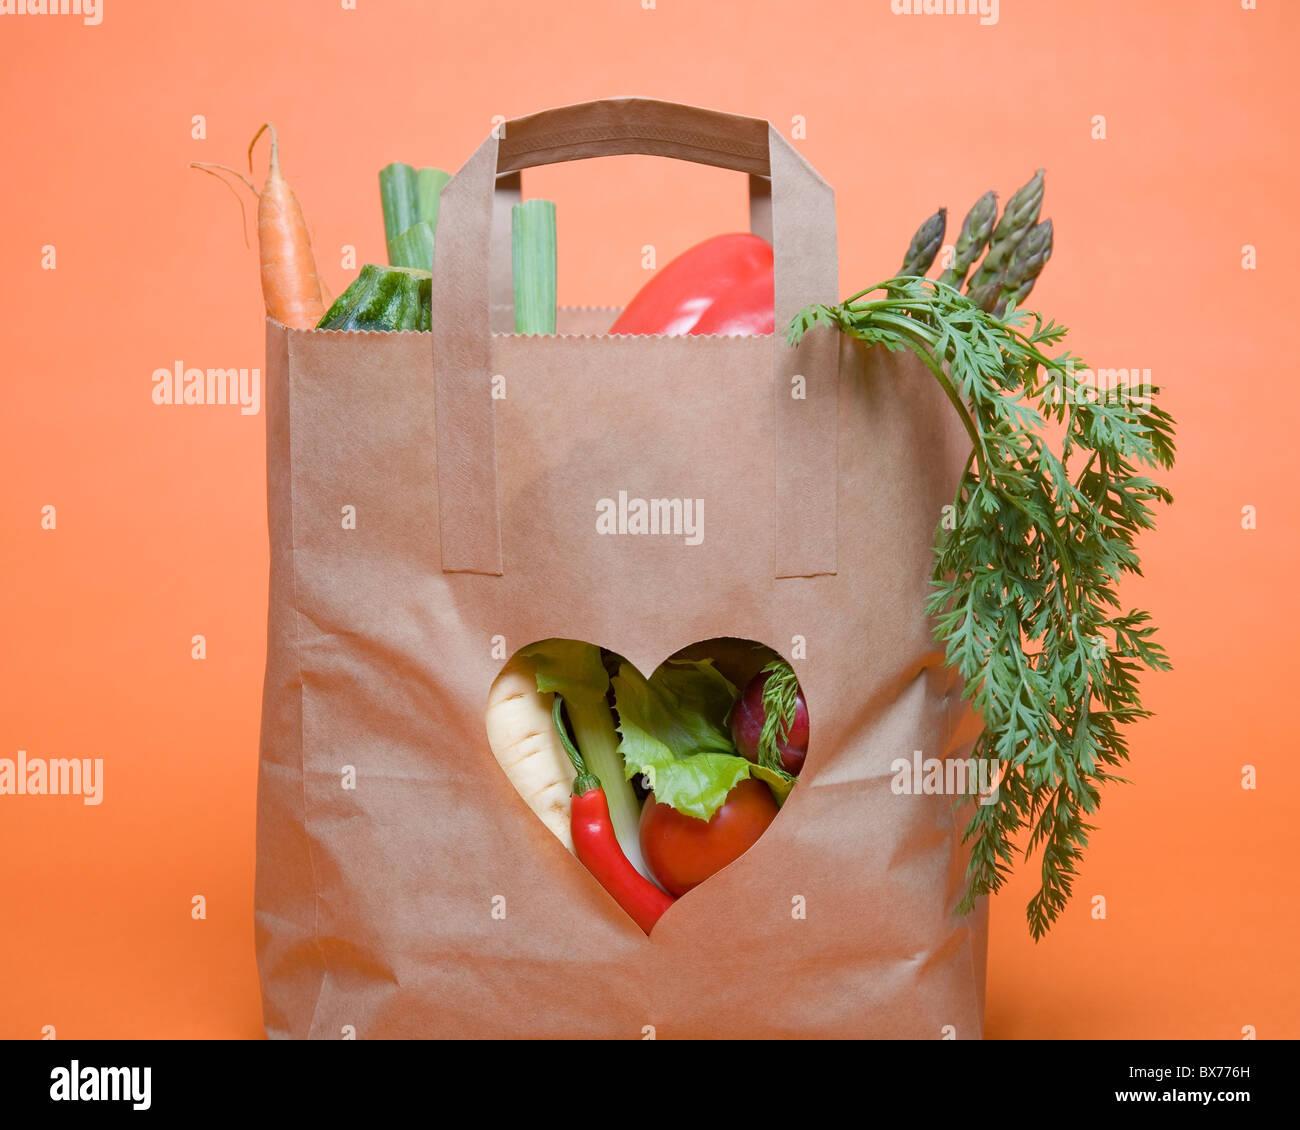 Gemüse in Tasche mit Herzsymbol Stockfoto